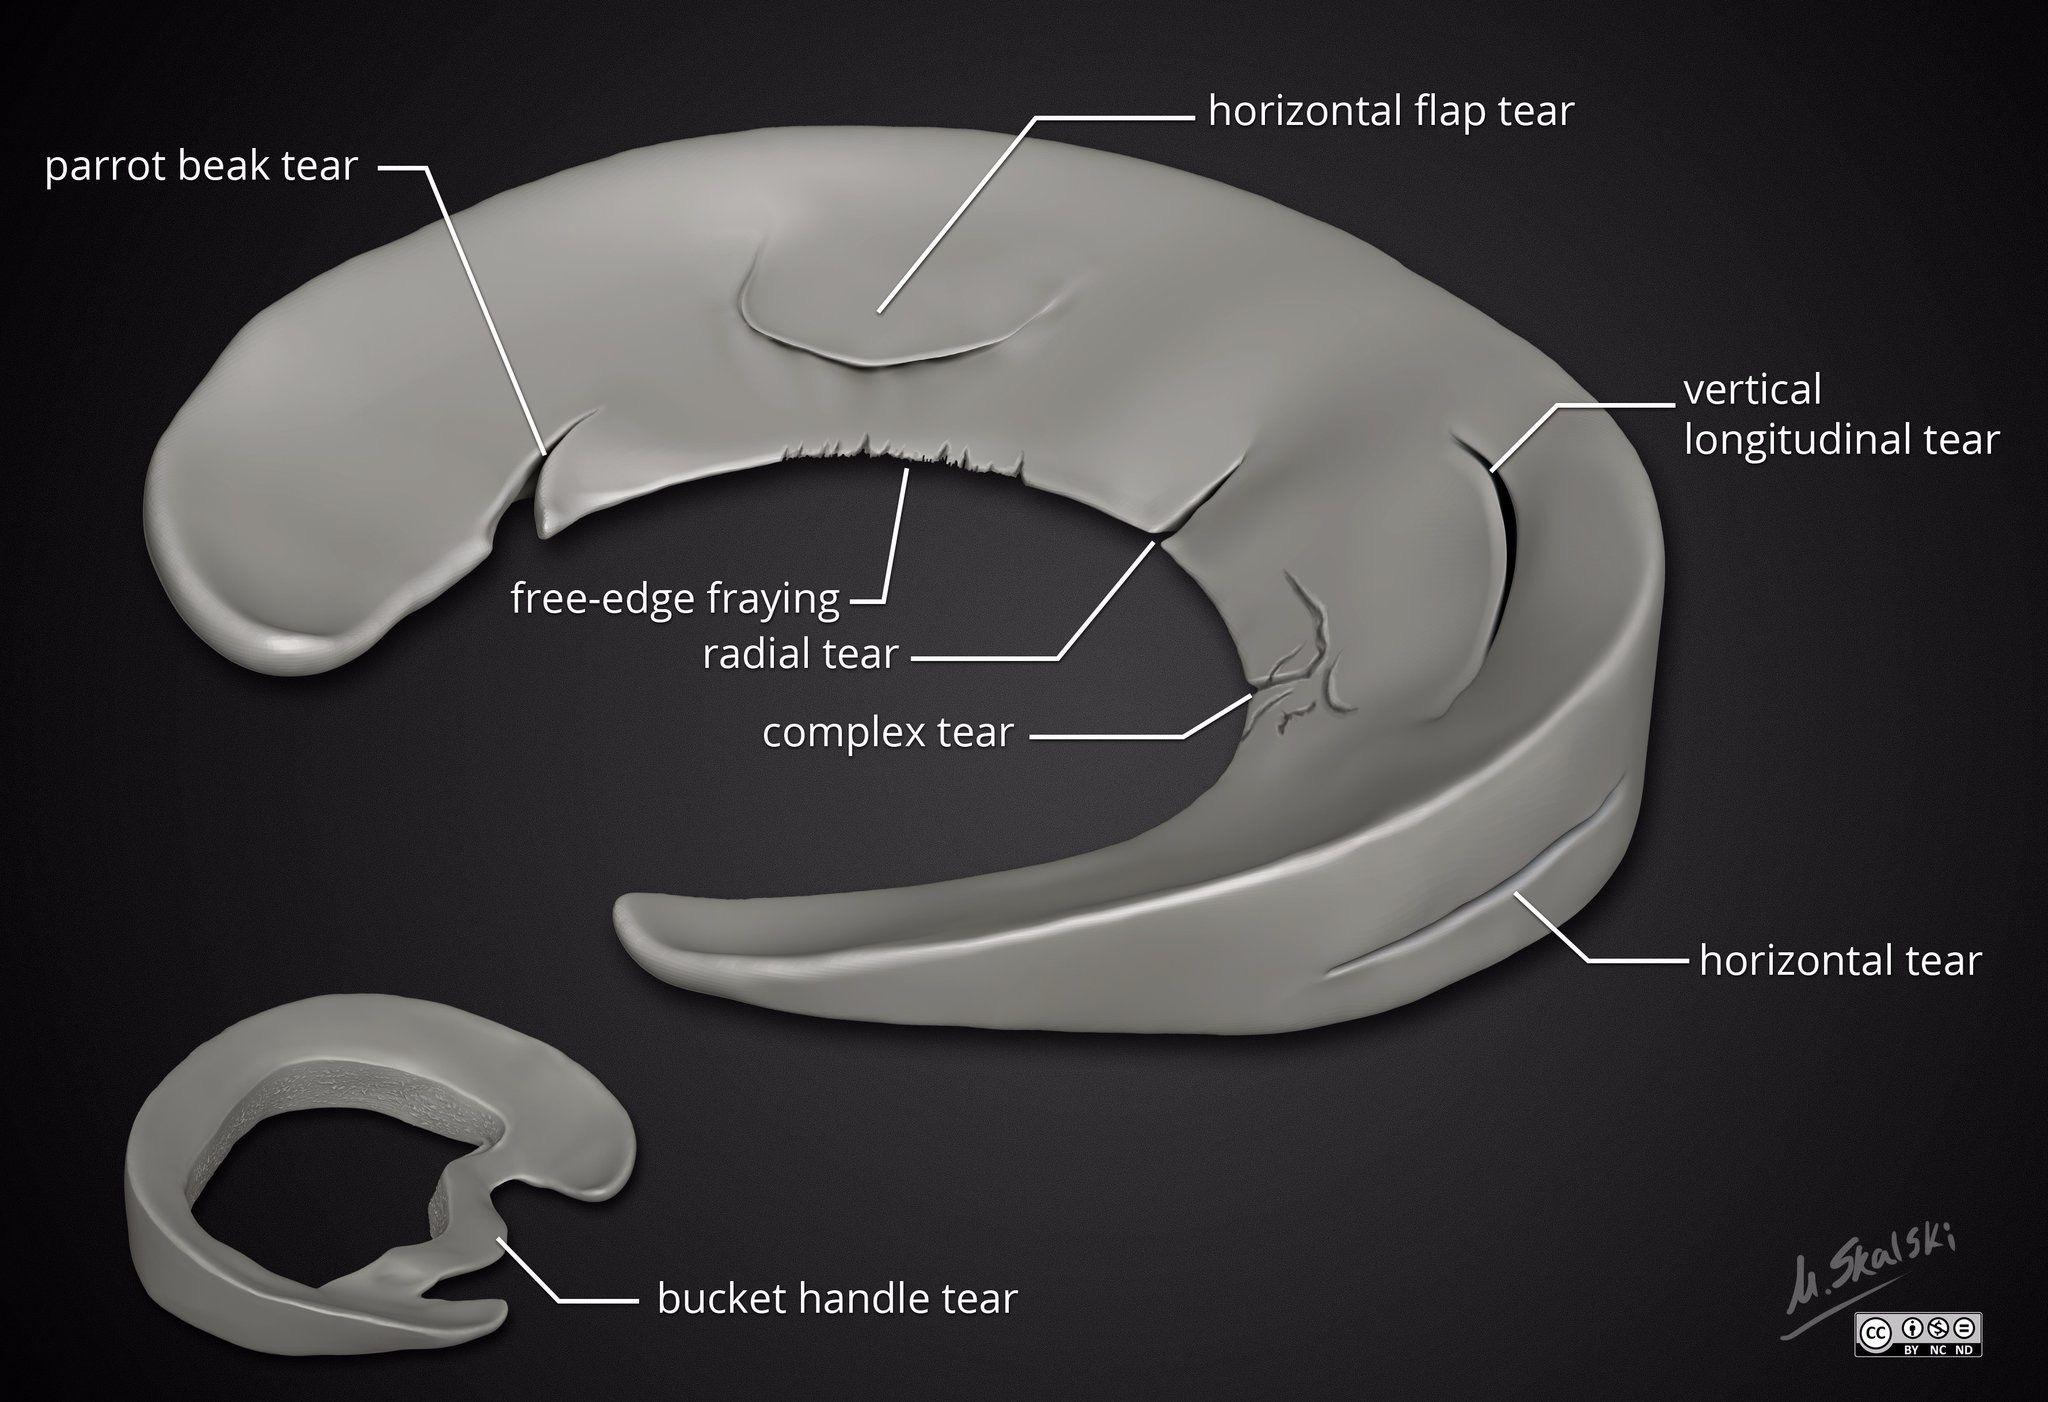 Linee guida per la gestione delle lesioni meniscali del ginocchio